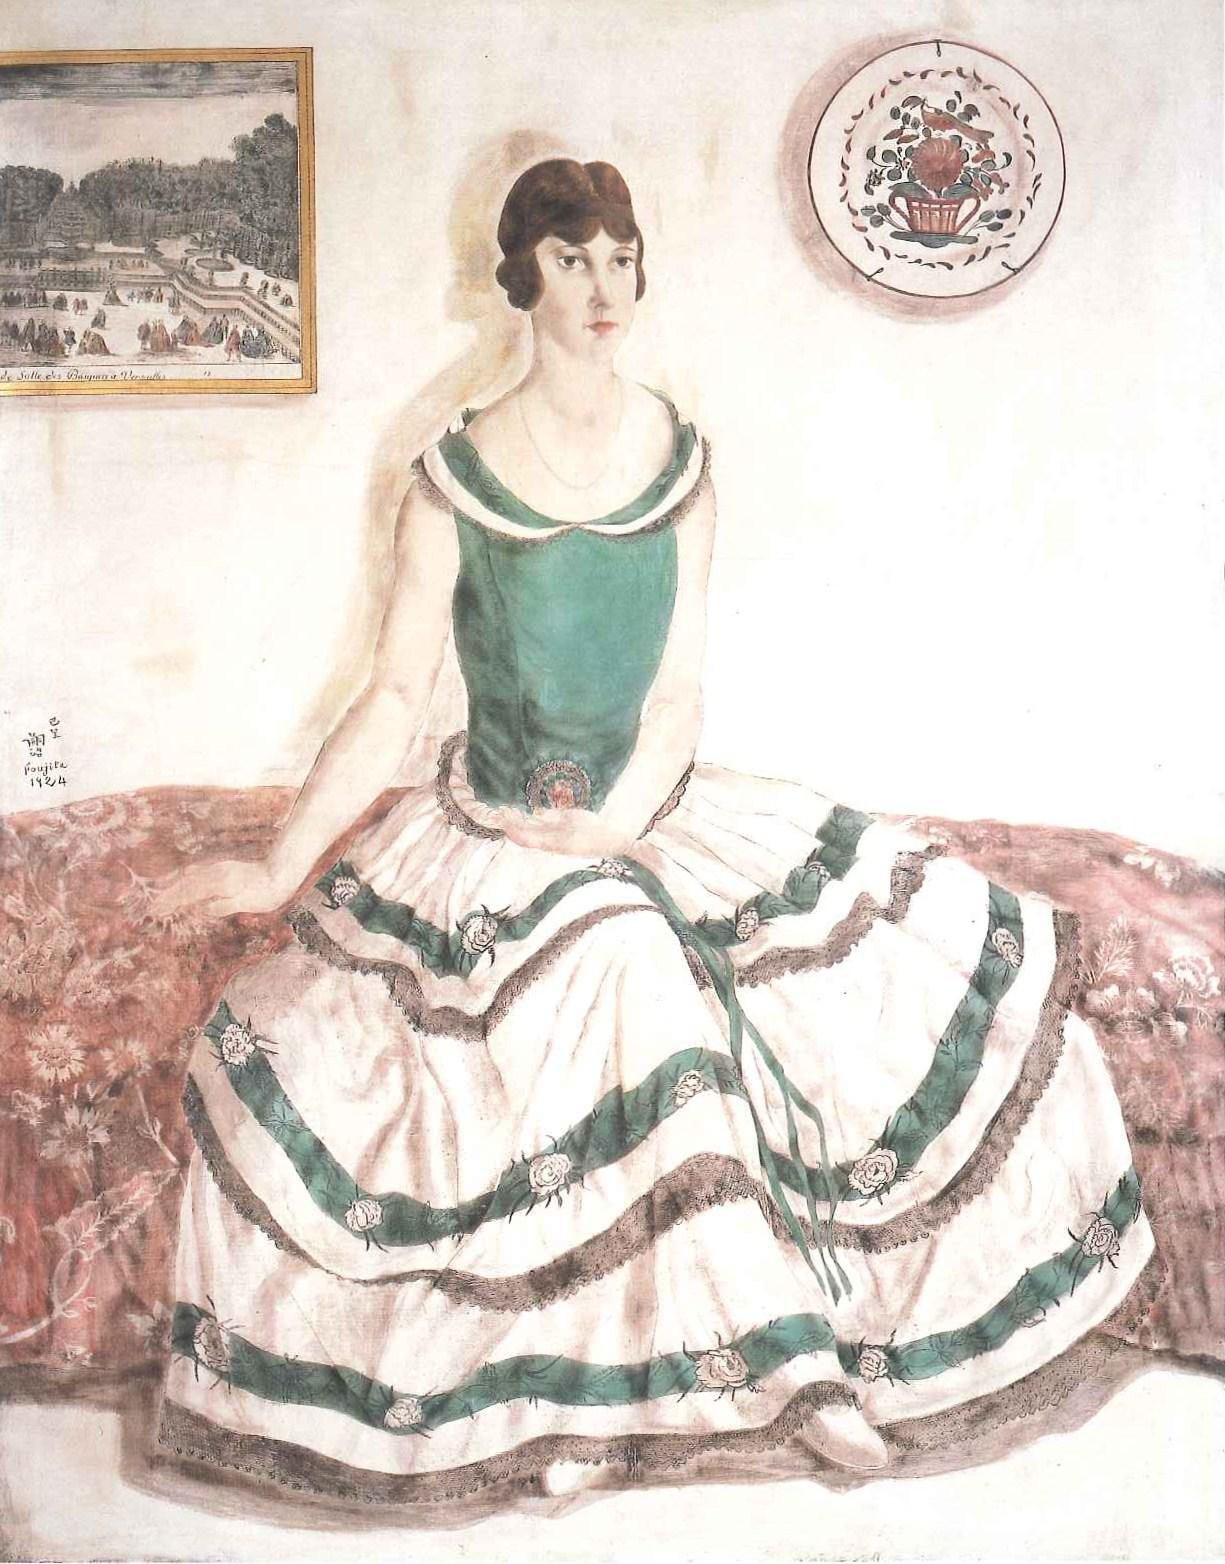 藤田嗣治 【エレーヌ・フランクの肖像】(1924).jpg